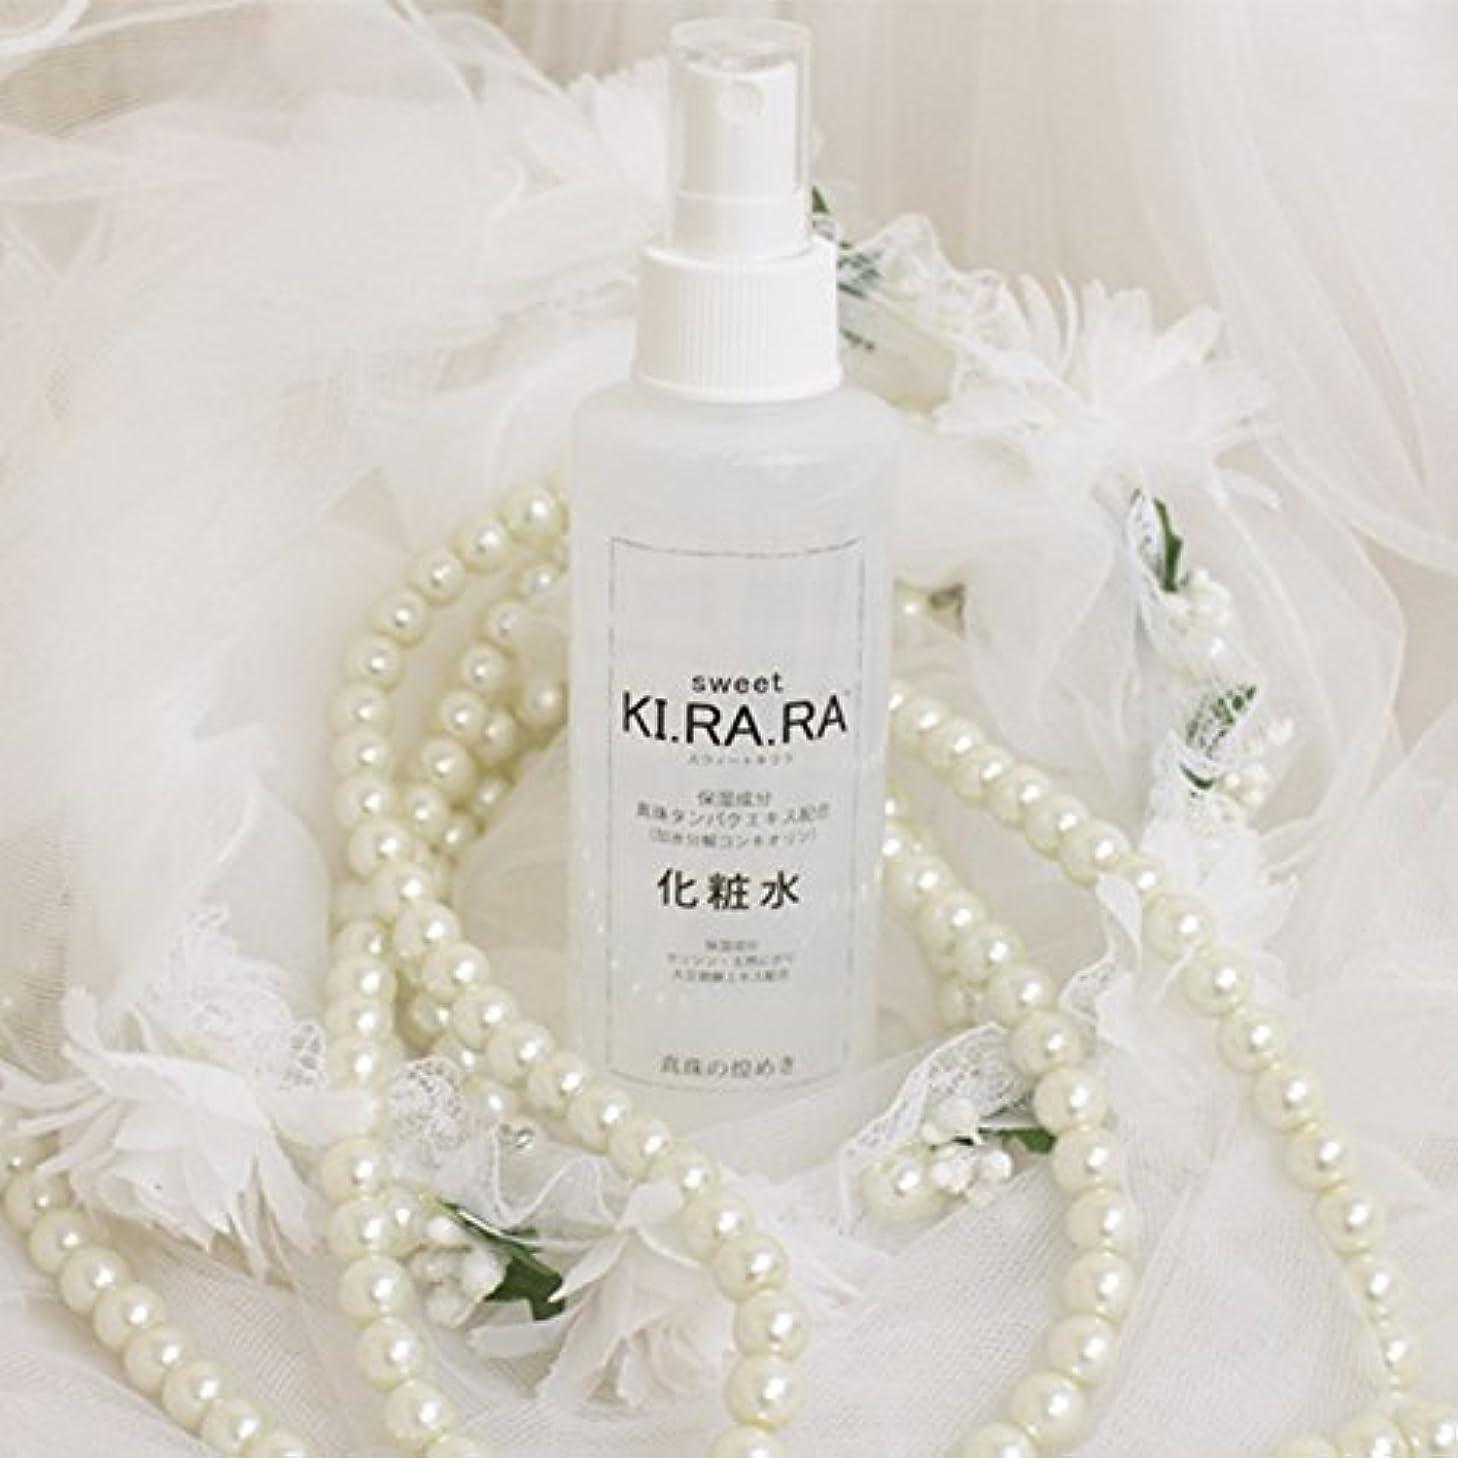 キノコゆでる困難sweet KI.RA.RA スウィートキララ 化粧水 ナチュラルローション 真珠タンパクエキス配合 150ml